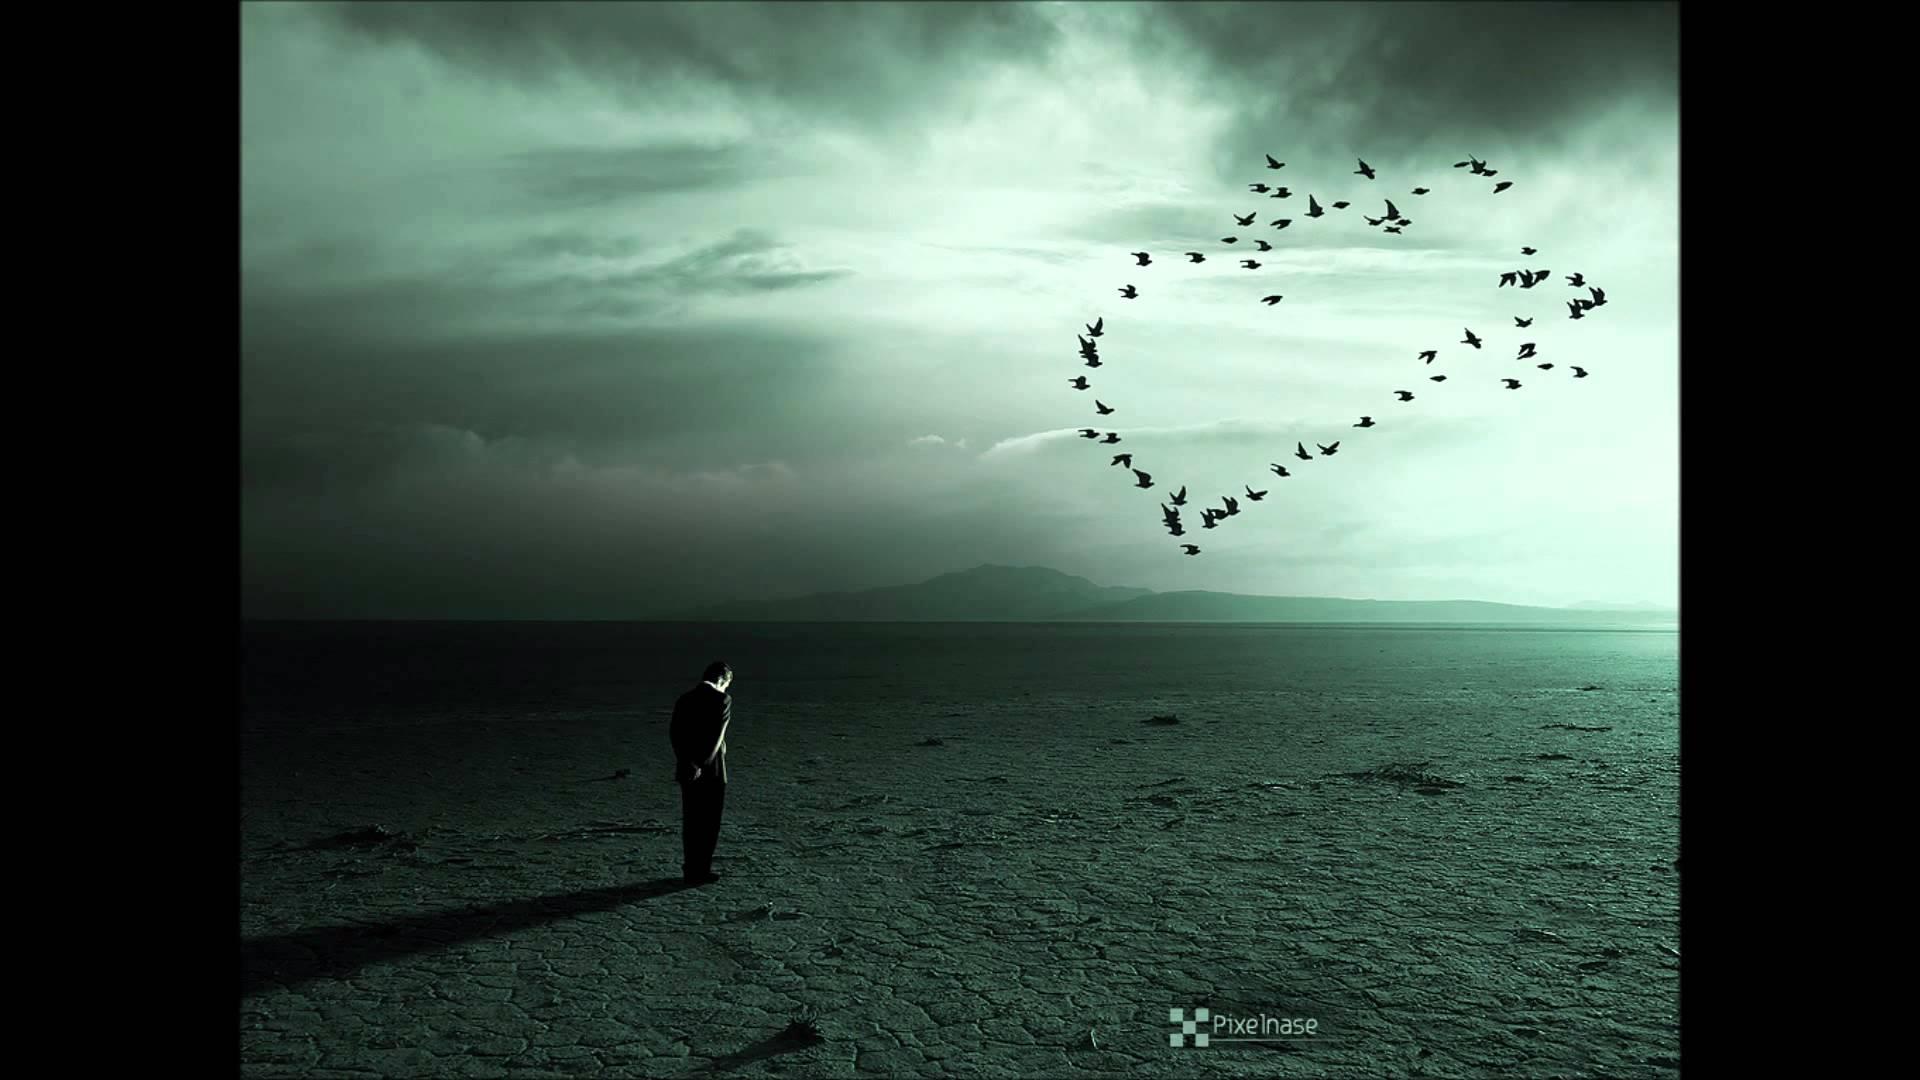 صور صور حزينه معبره , اجمل الكلمات الحزينه